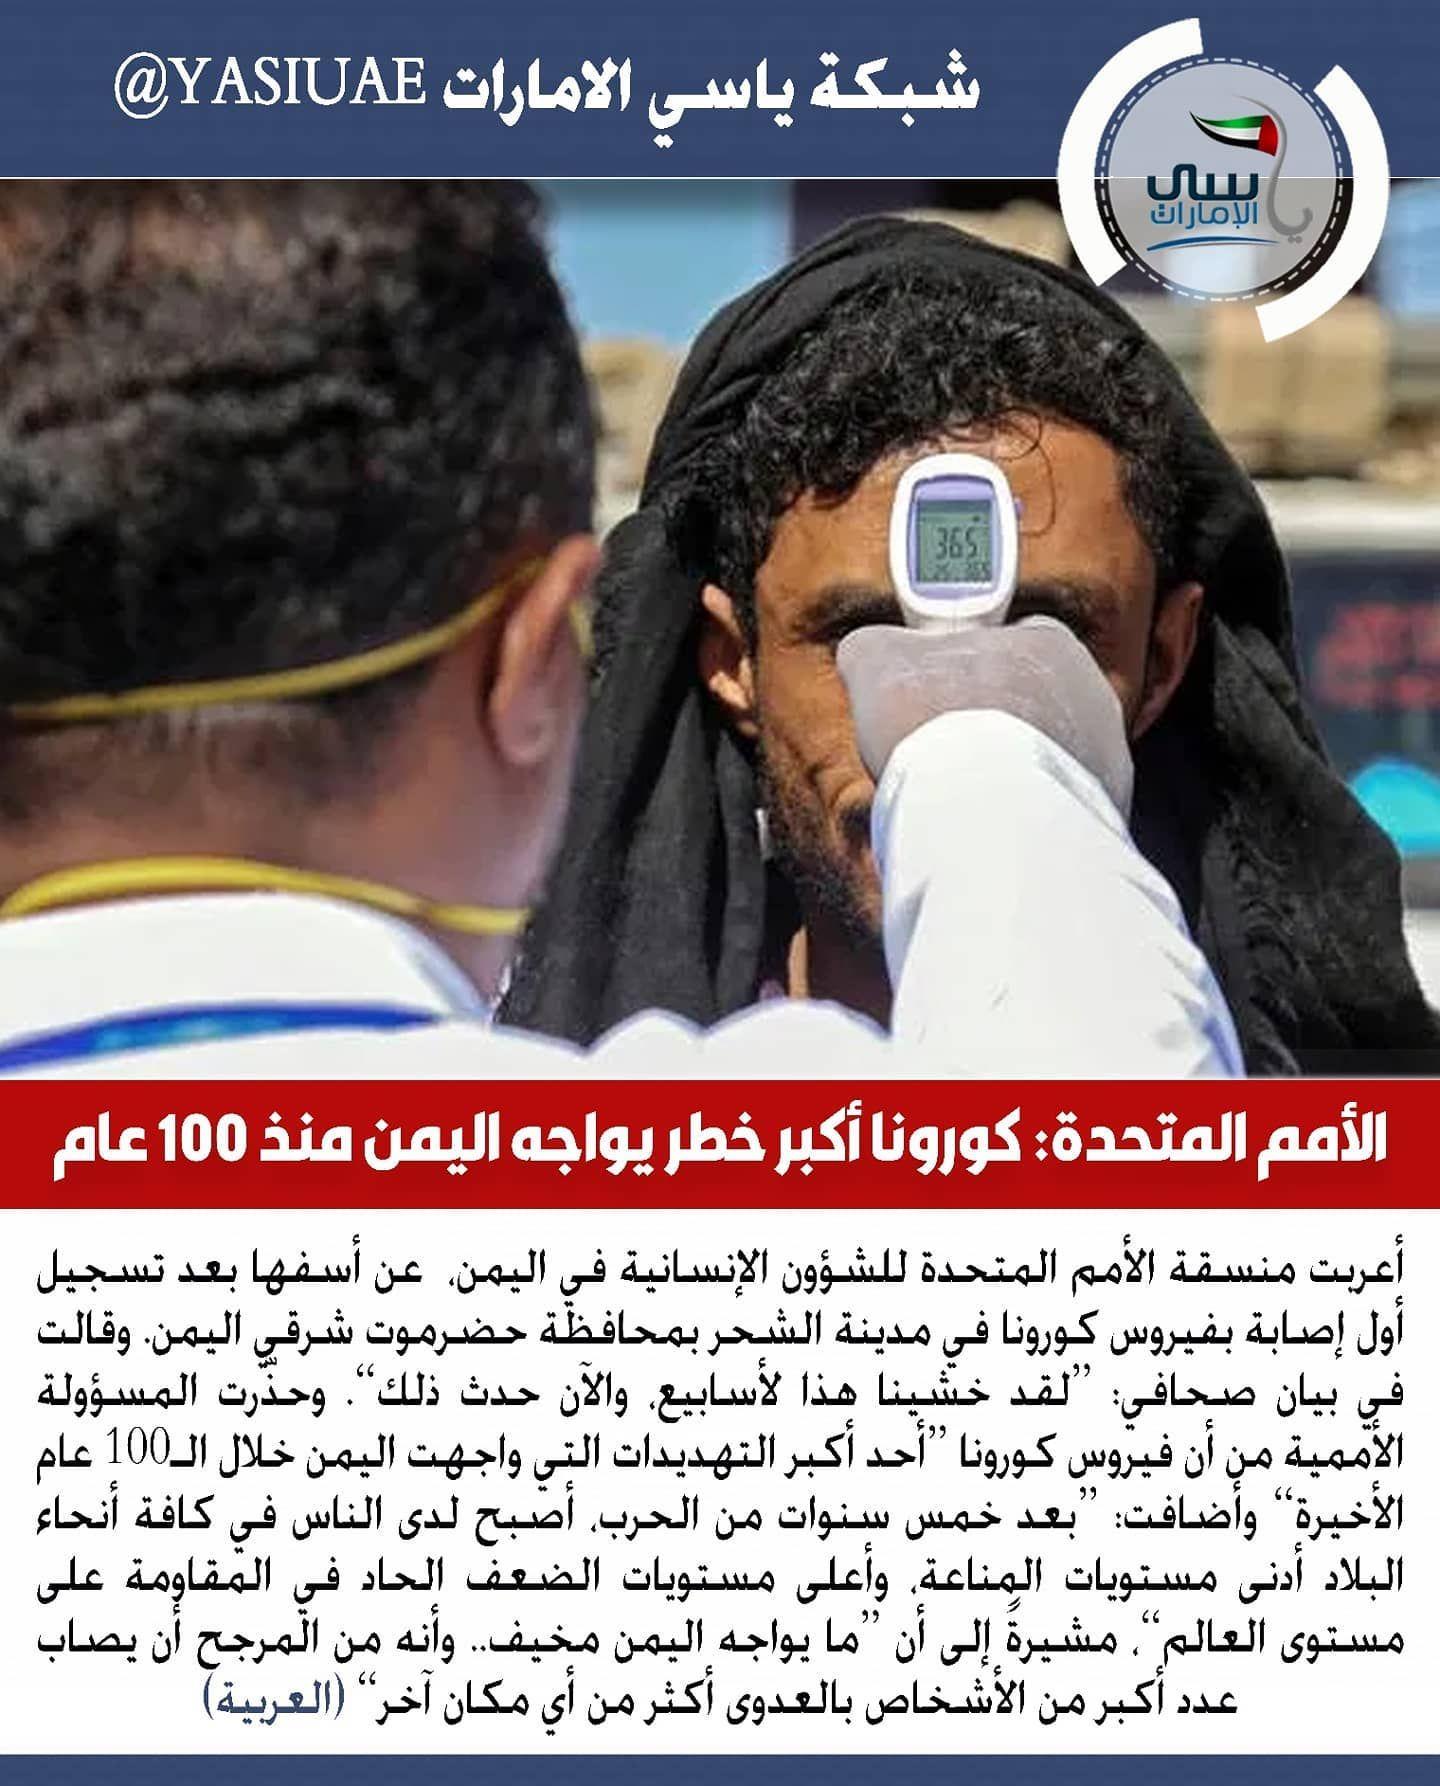 ياسي الامارات الأمم المتحدة كورونا أكبر خطر يواجه اليمن منذ 100 عام Www Yasiuae Net شبكة ياسي الامارات شبكة ياسي الامارات ا Smart Watch Wearable Smart